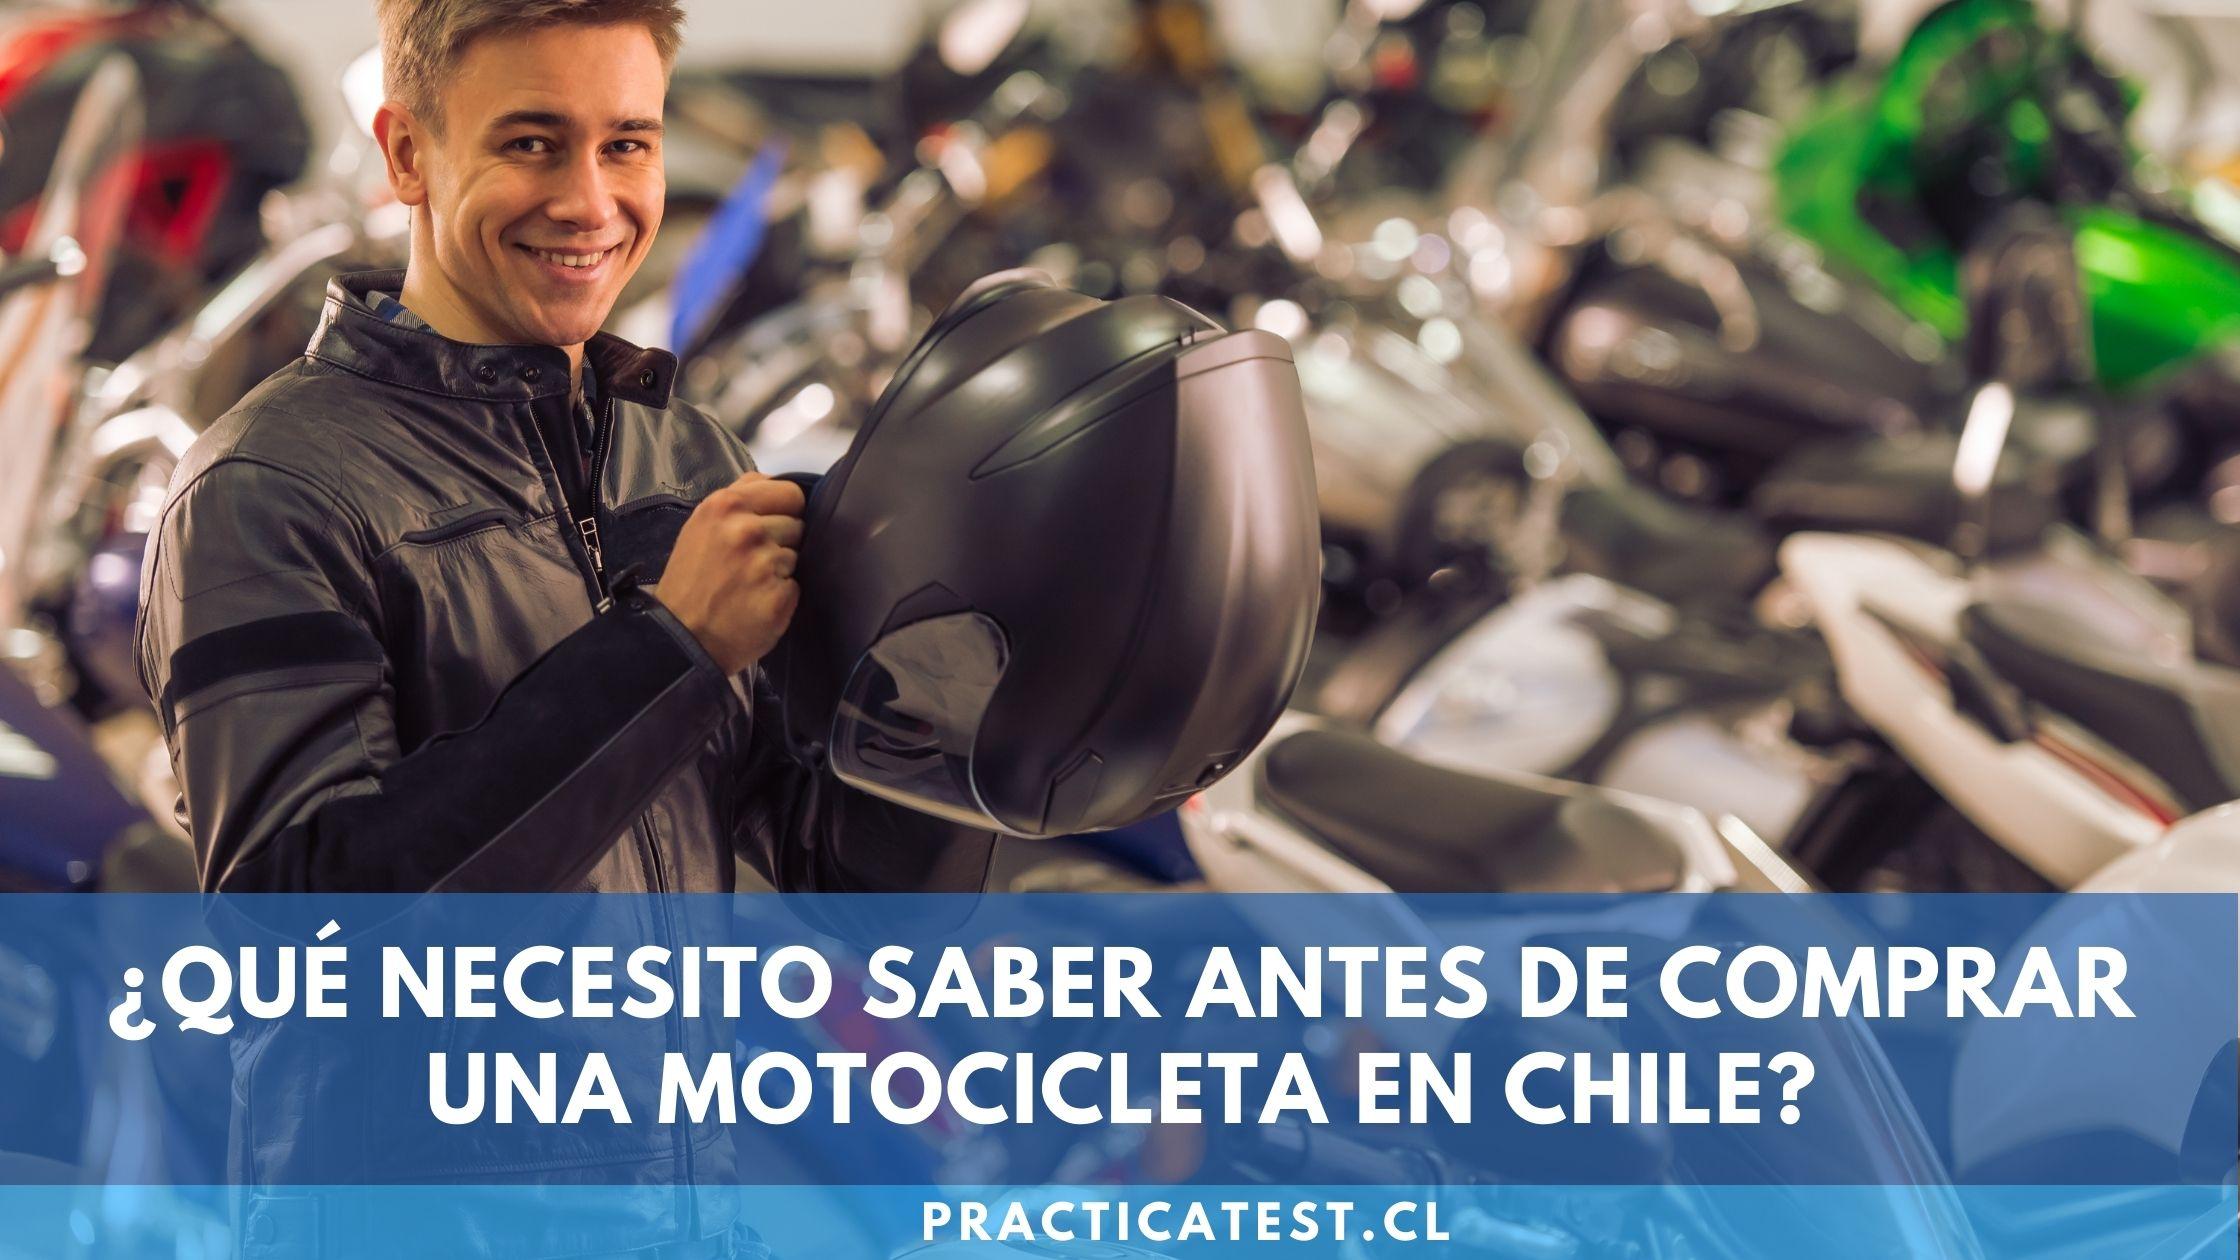 Información necesaria para comprar una motocicleta como certificado de homologación